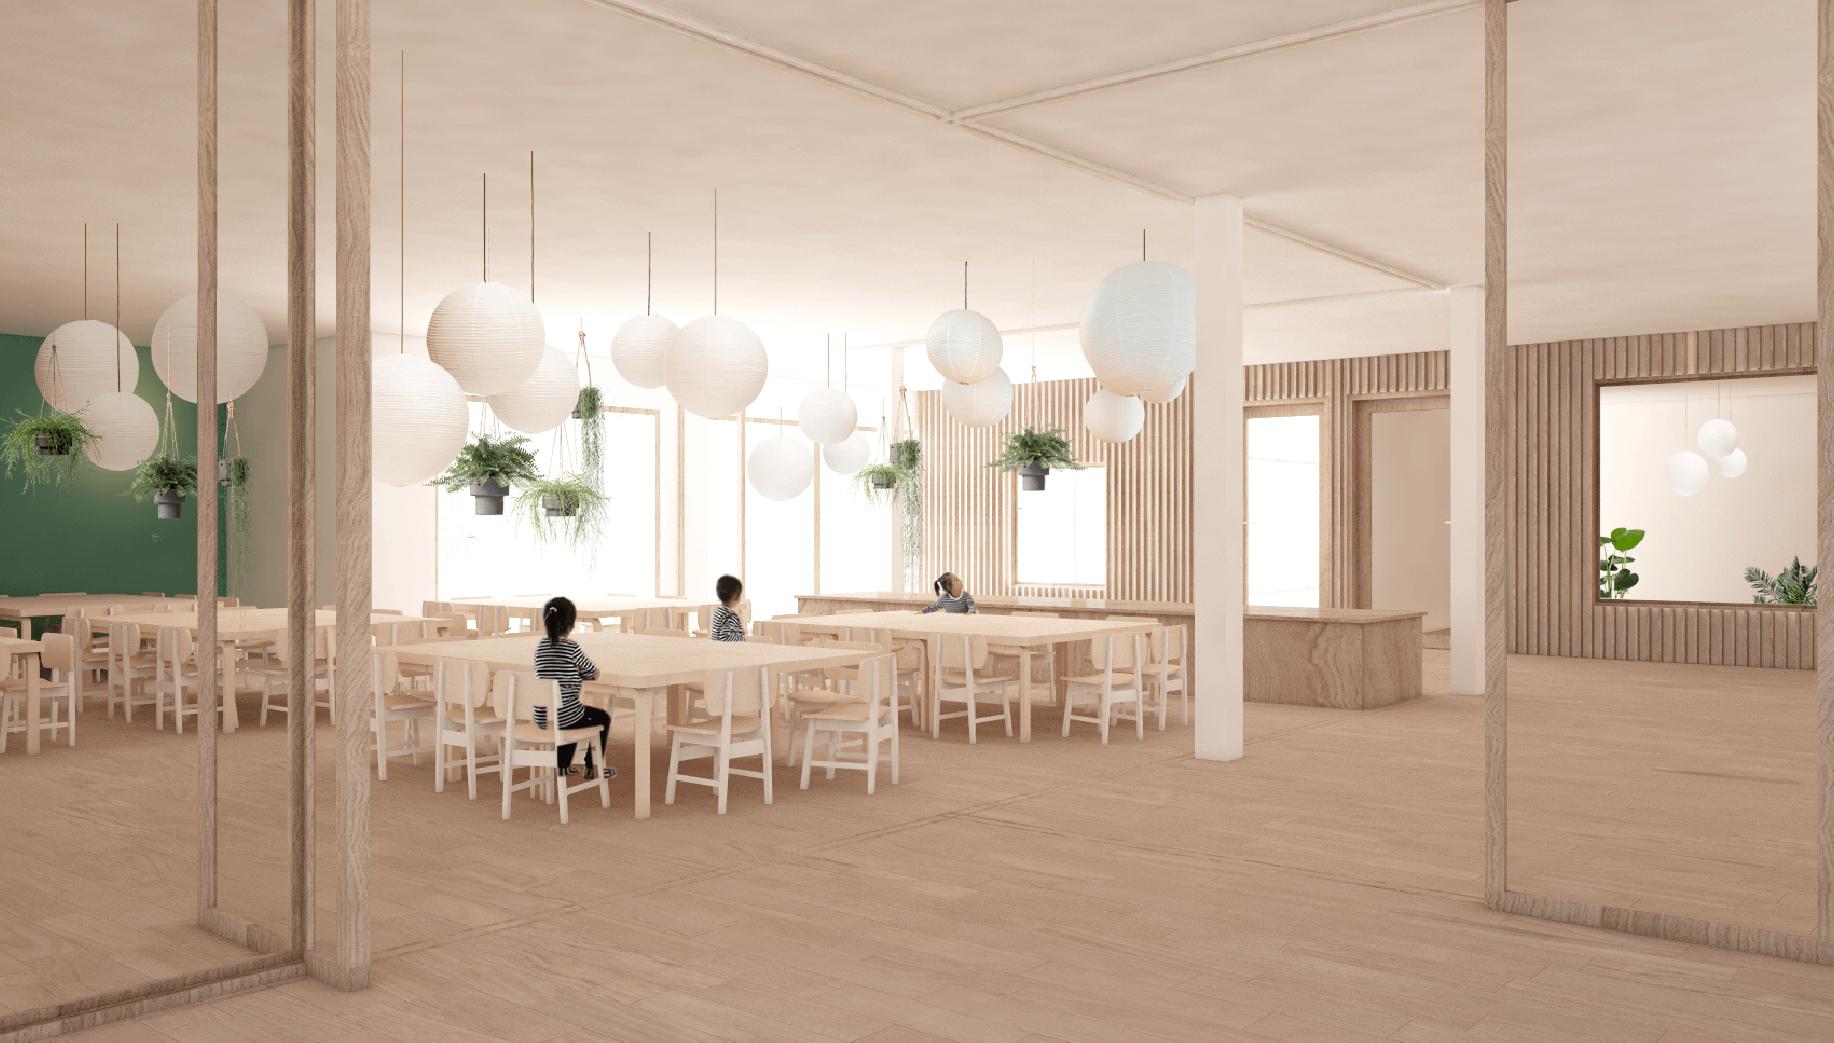 HEI Space-design-preschool-kindergarten-880x500-52